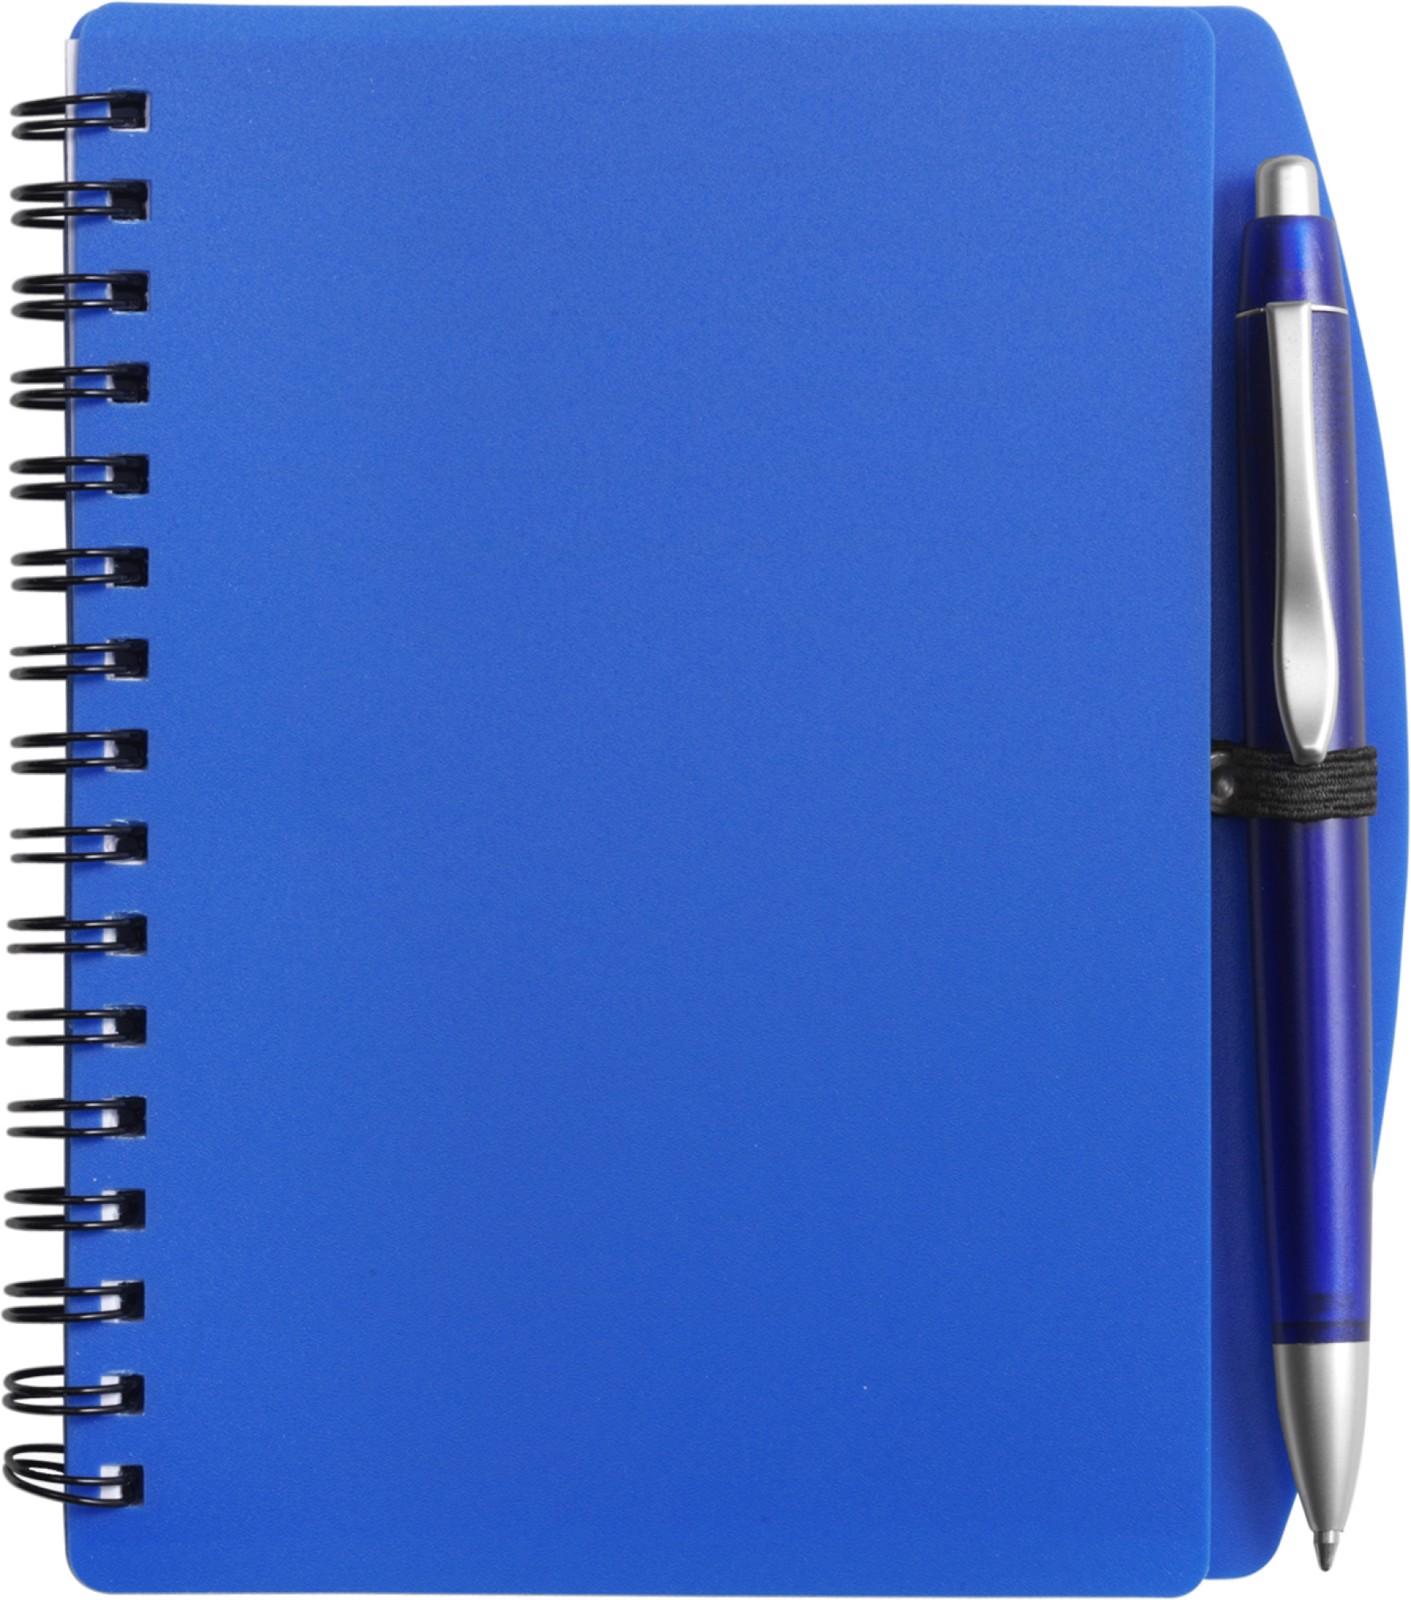 PP notebook with ballpen - Blue